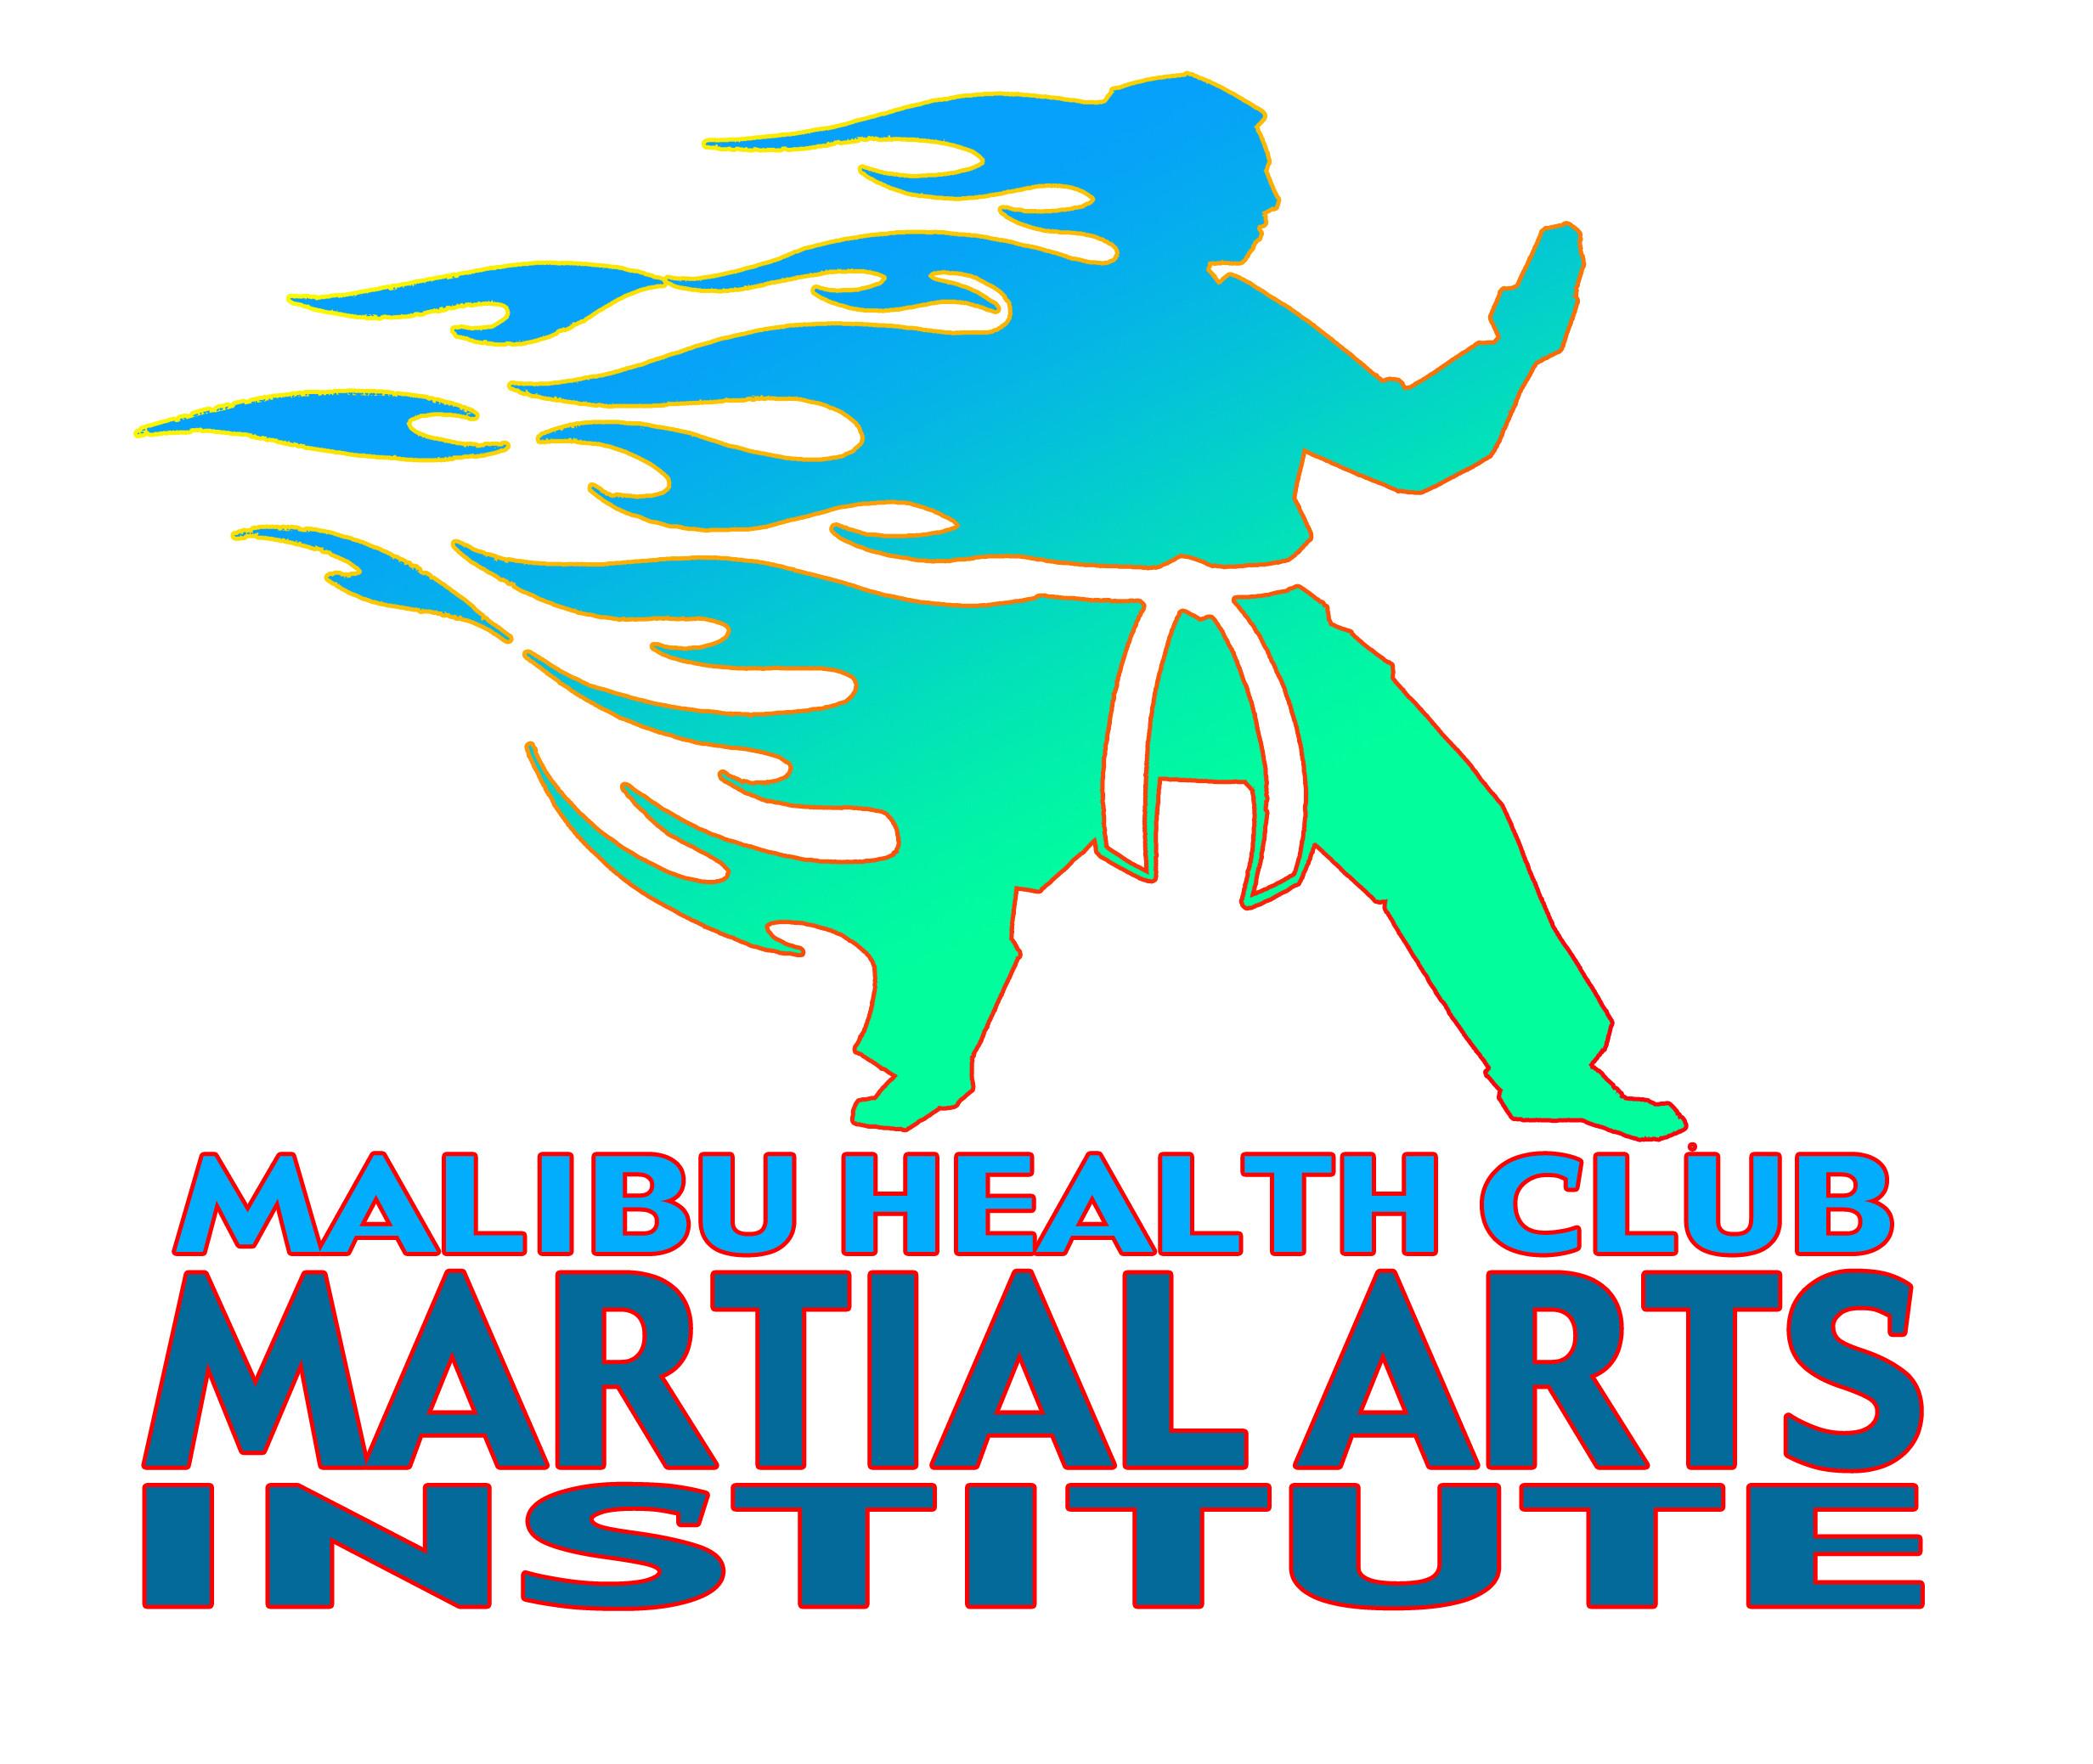 CLIENT - MALIBU HEALTH CLUB